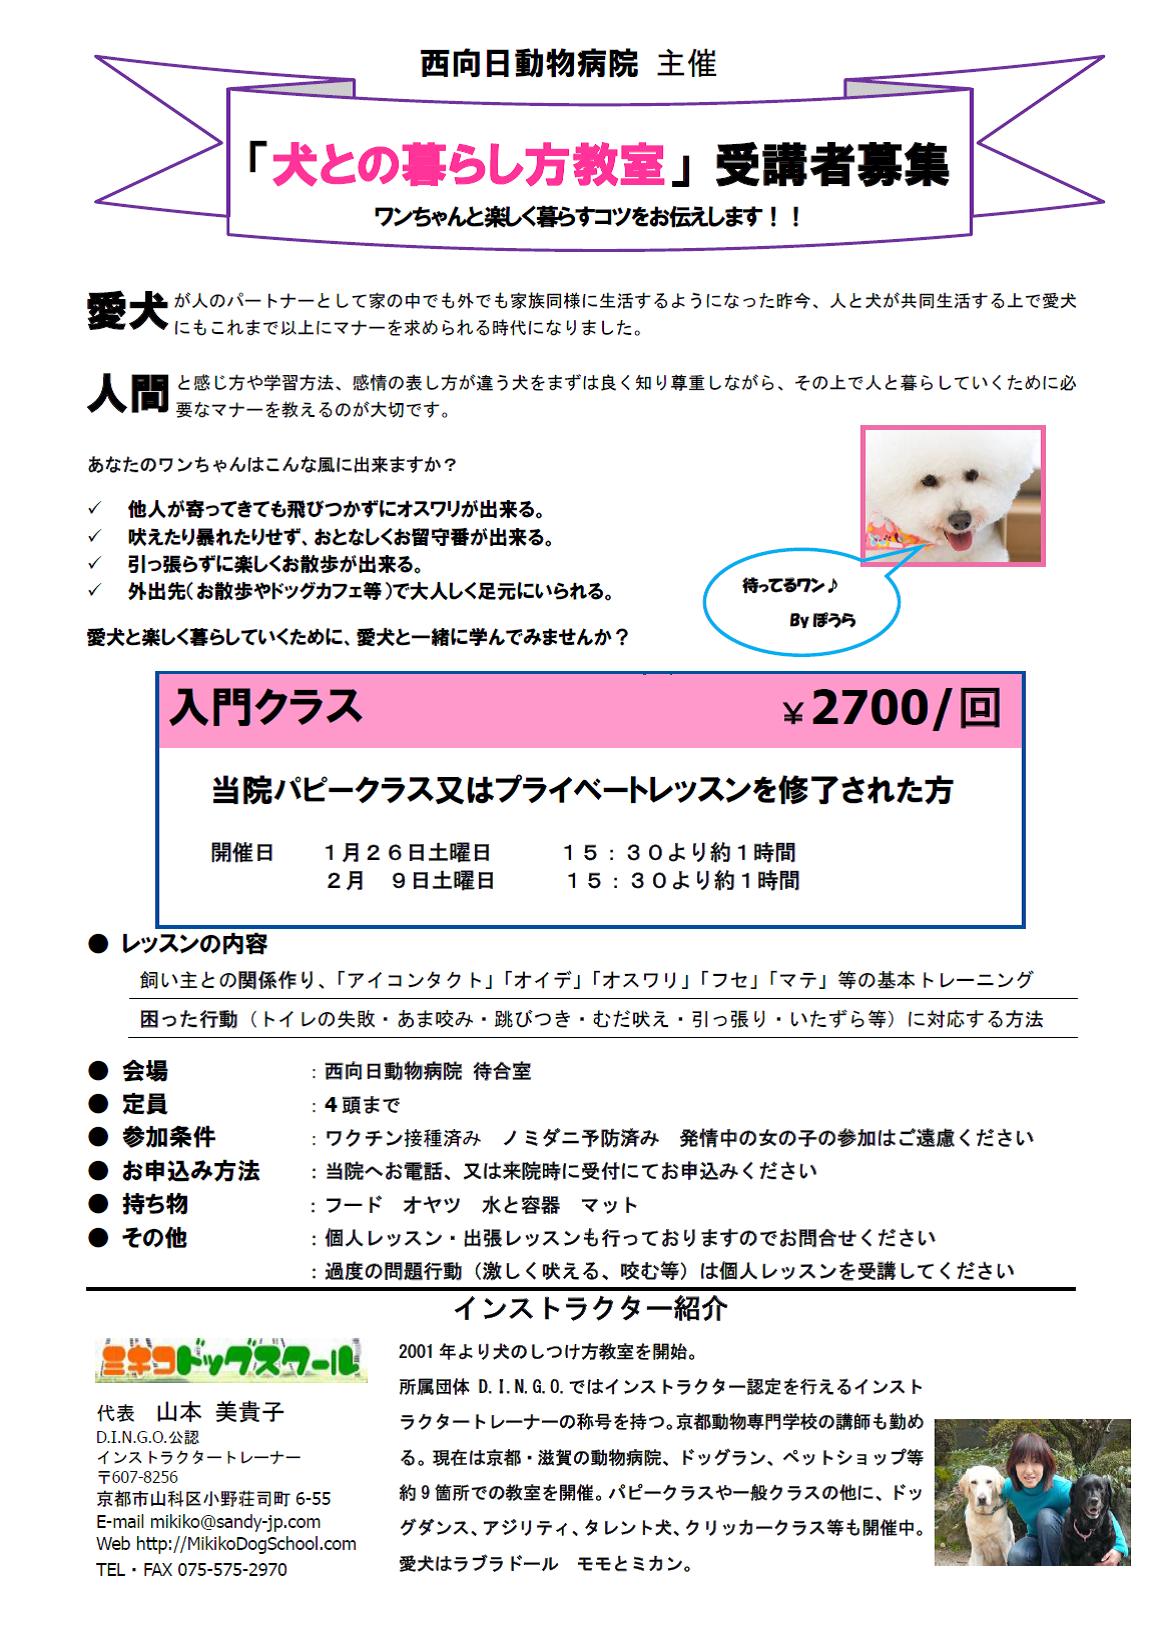 inutonokurashi190102